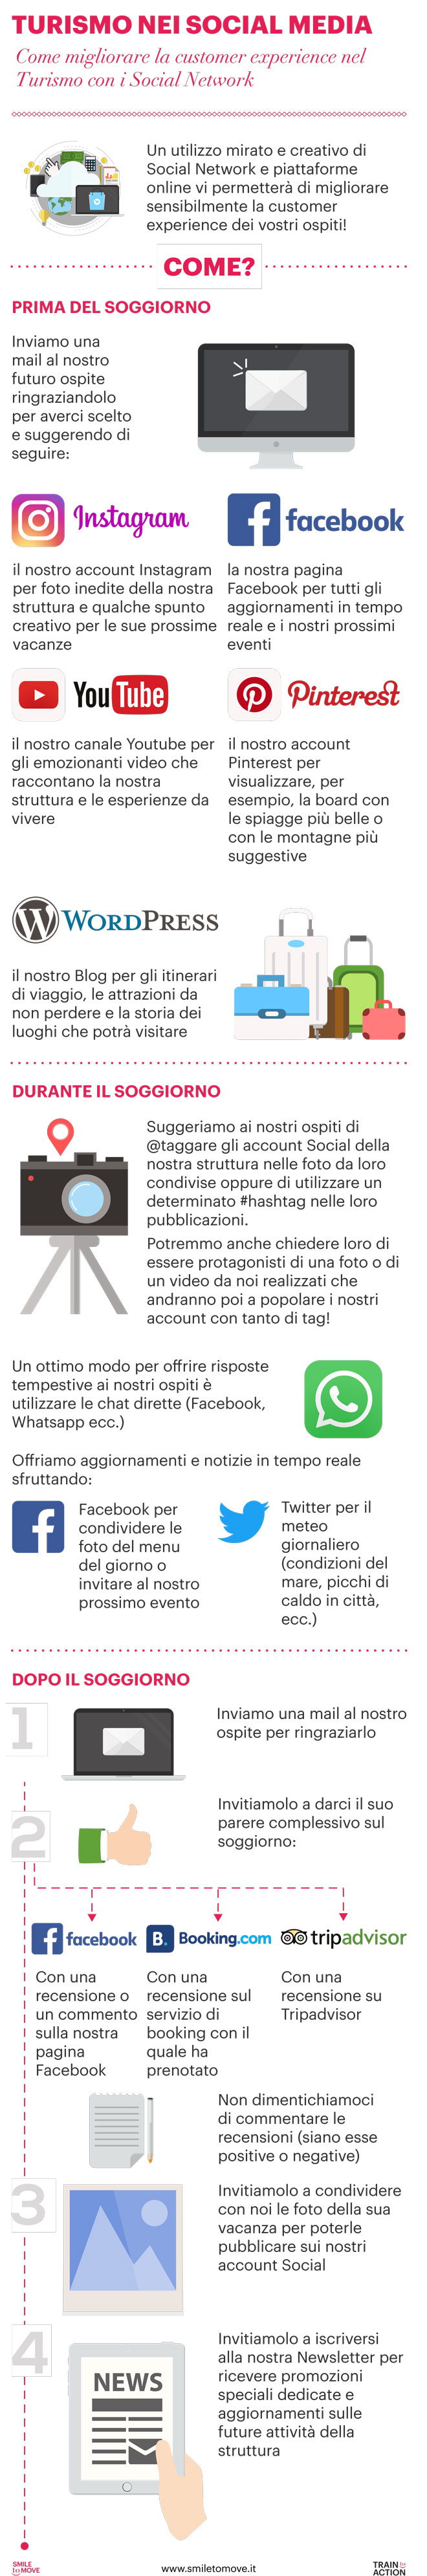 Infografica Turismo Social Media